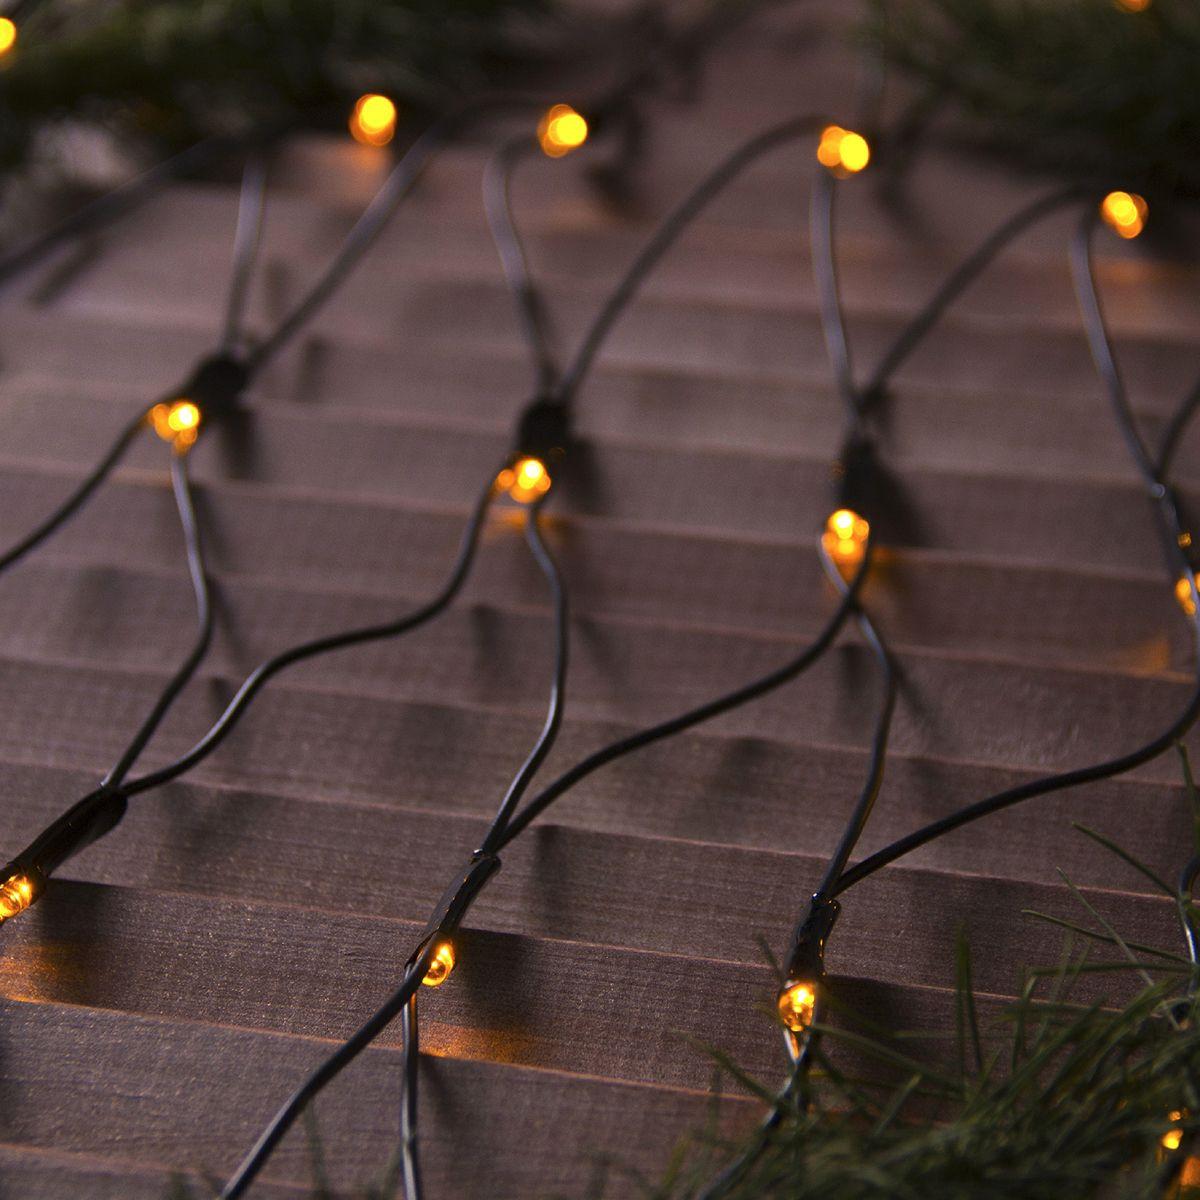 Гирлянда уличная Luazon Lighting Сеть, УМС, нить темная, цвет: желтый, 192 LED, 2 х 1,5 м гирлянда уличная luazon lighting сеть умс нить прозрачная цвет разноцветный 192 led 2 х 1 5 м